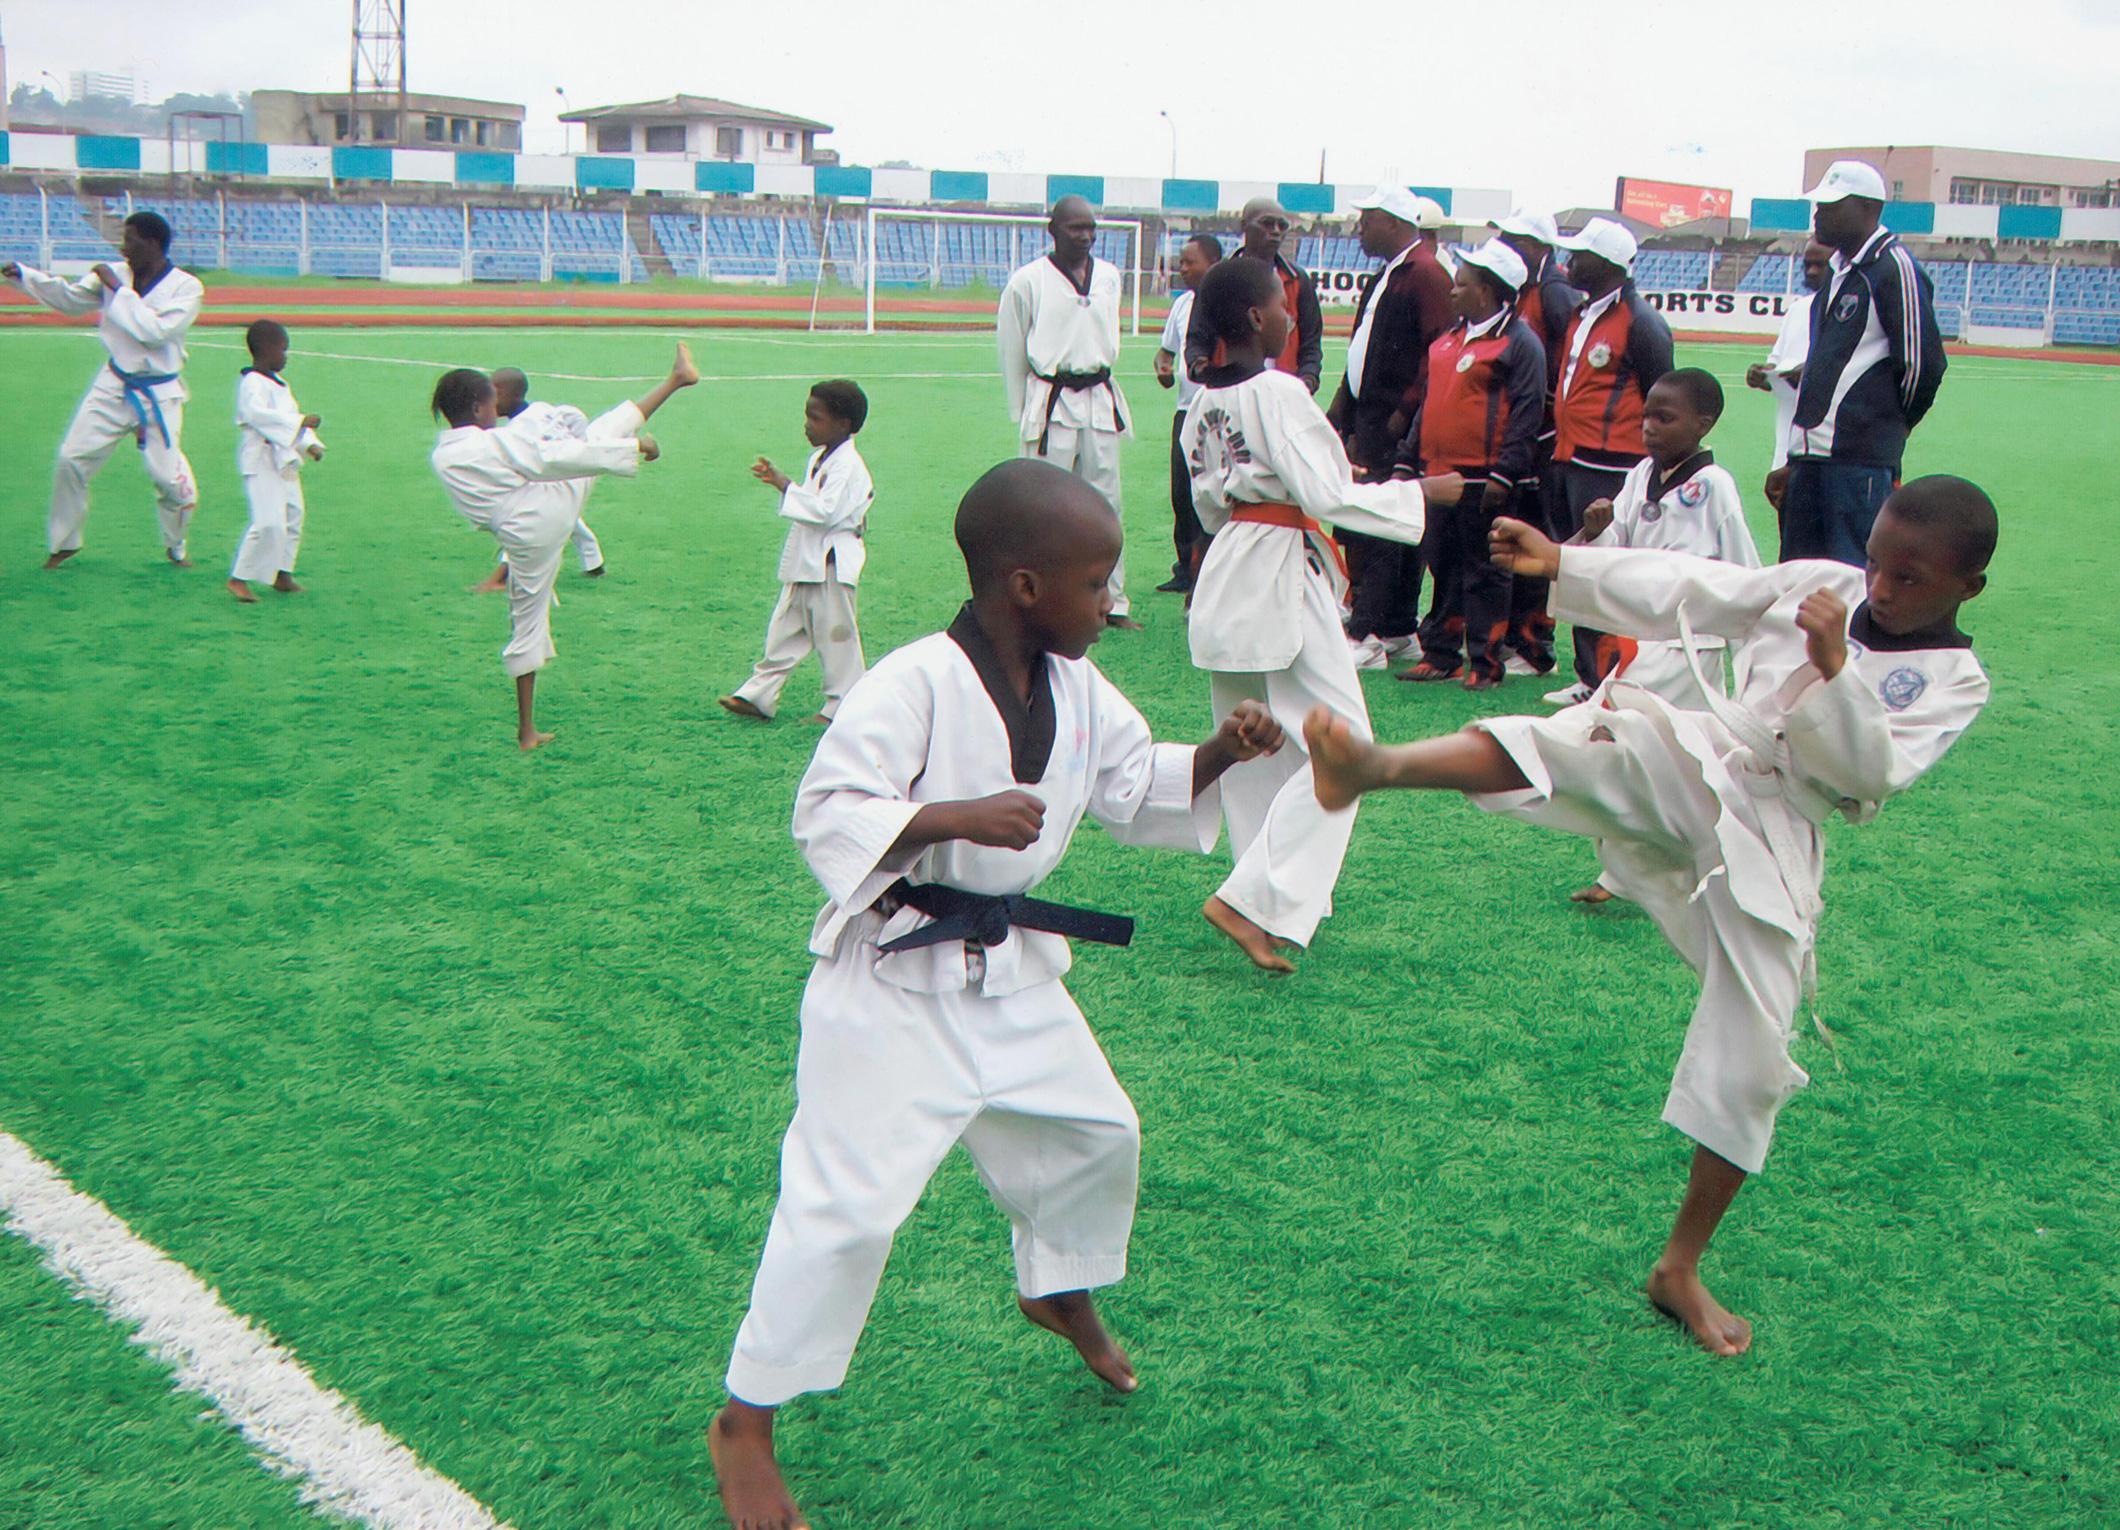 Journée olympique, taekwondo, Nigéria 2012